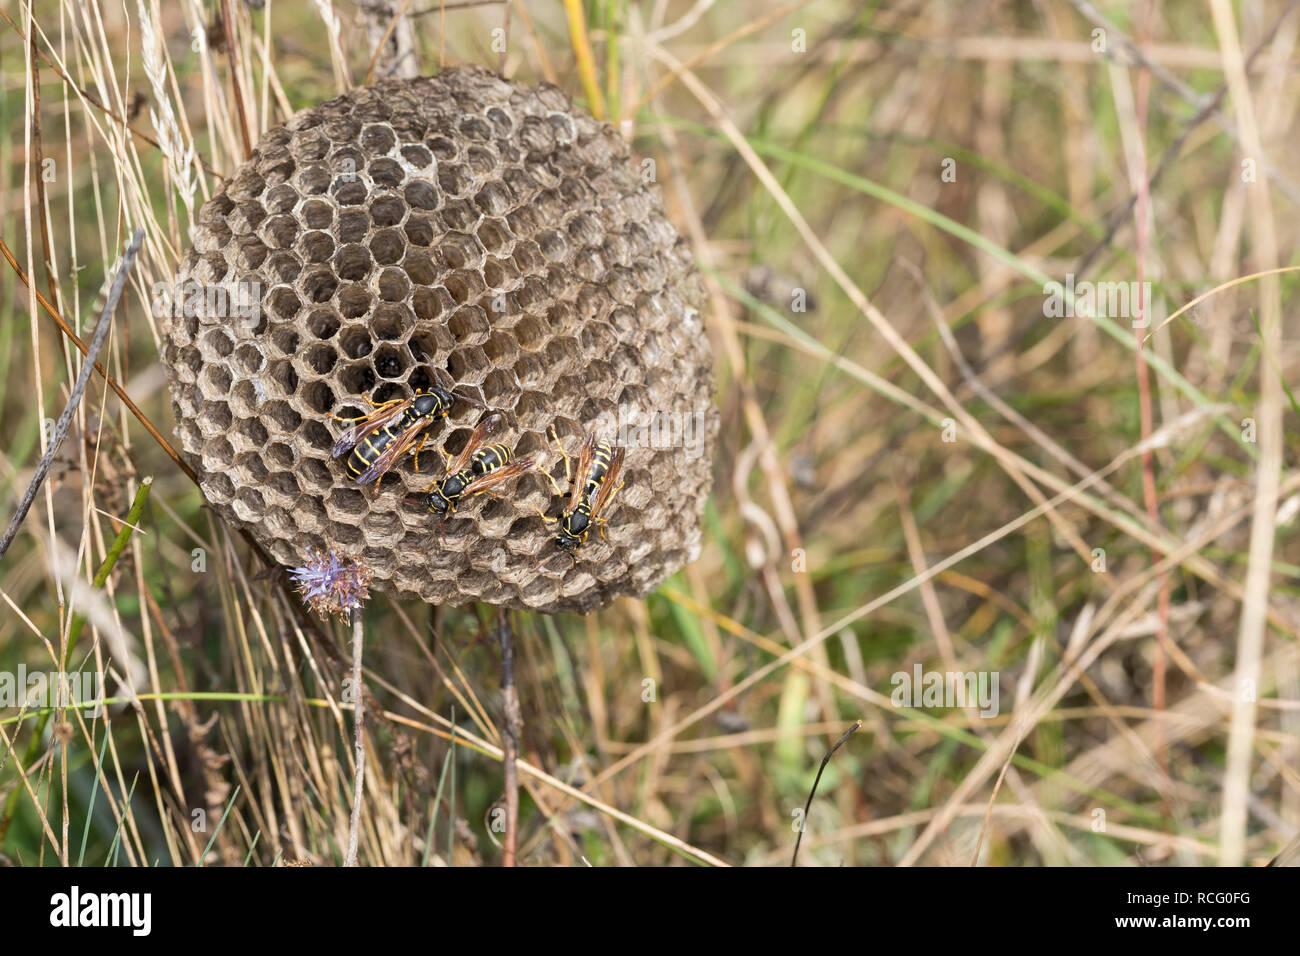 Heide-Feldwespe, Heidefeldwespe, Feldwespe, an ihrem Nest, Polistes nimpha, polistine wasp, Faltenwespen, Feldwespen - Stock Image